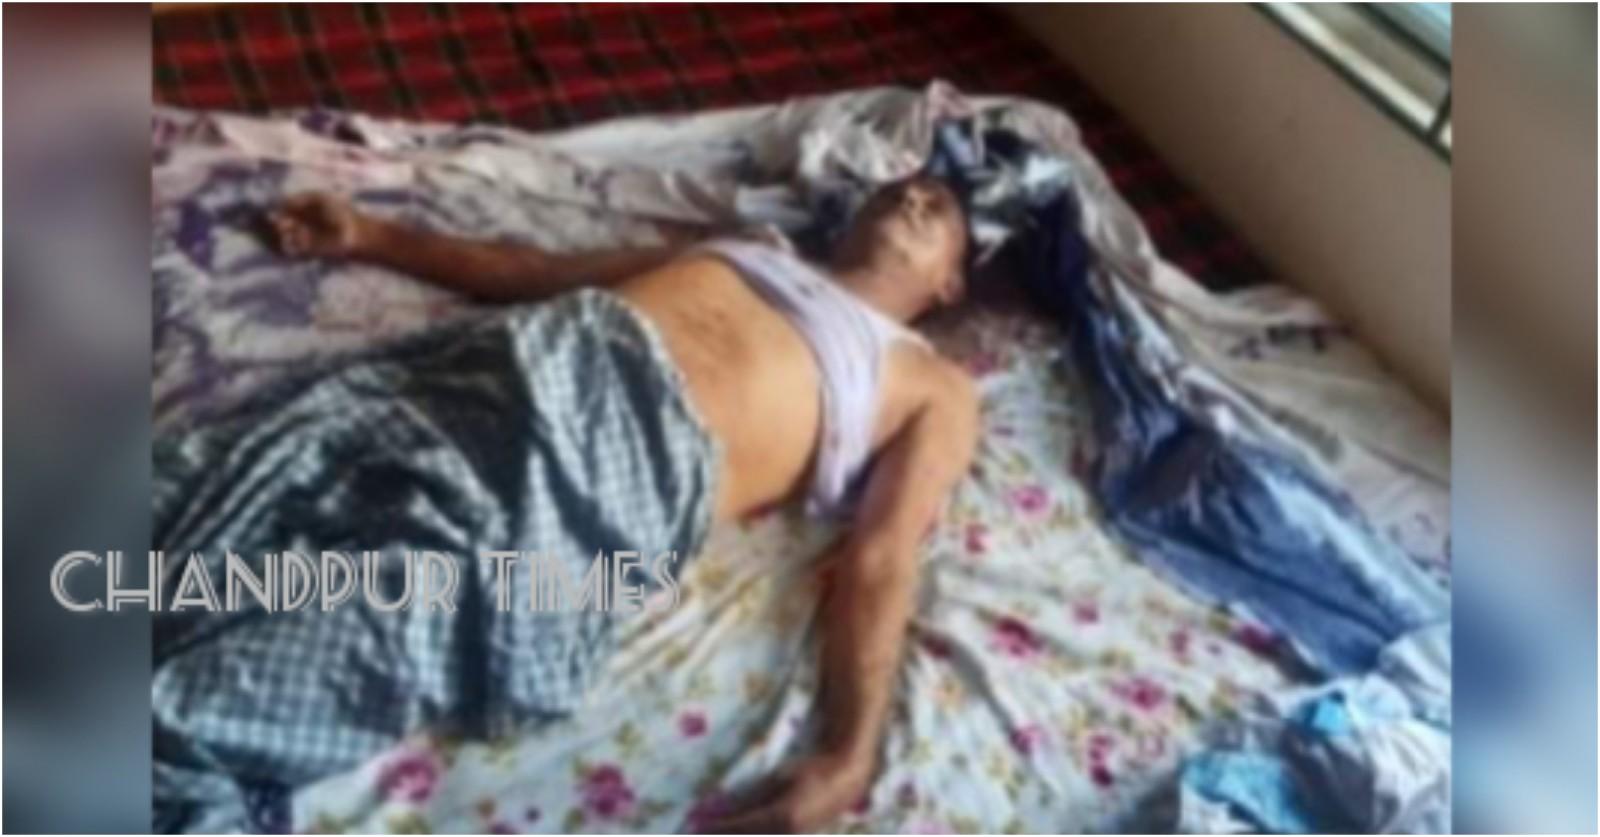 হাজীগঞ্জ-রামগঞ্জ সড়কের বেহাল দশা: ঝুঁকিতে ডাকাতিয়া নদী ও ব্রীজ